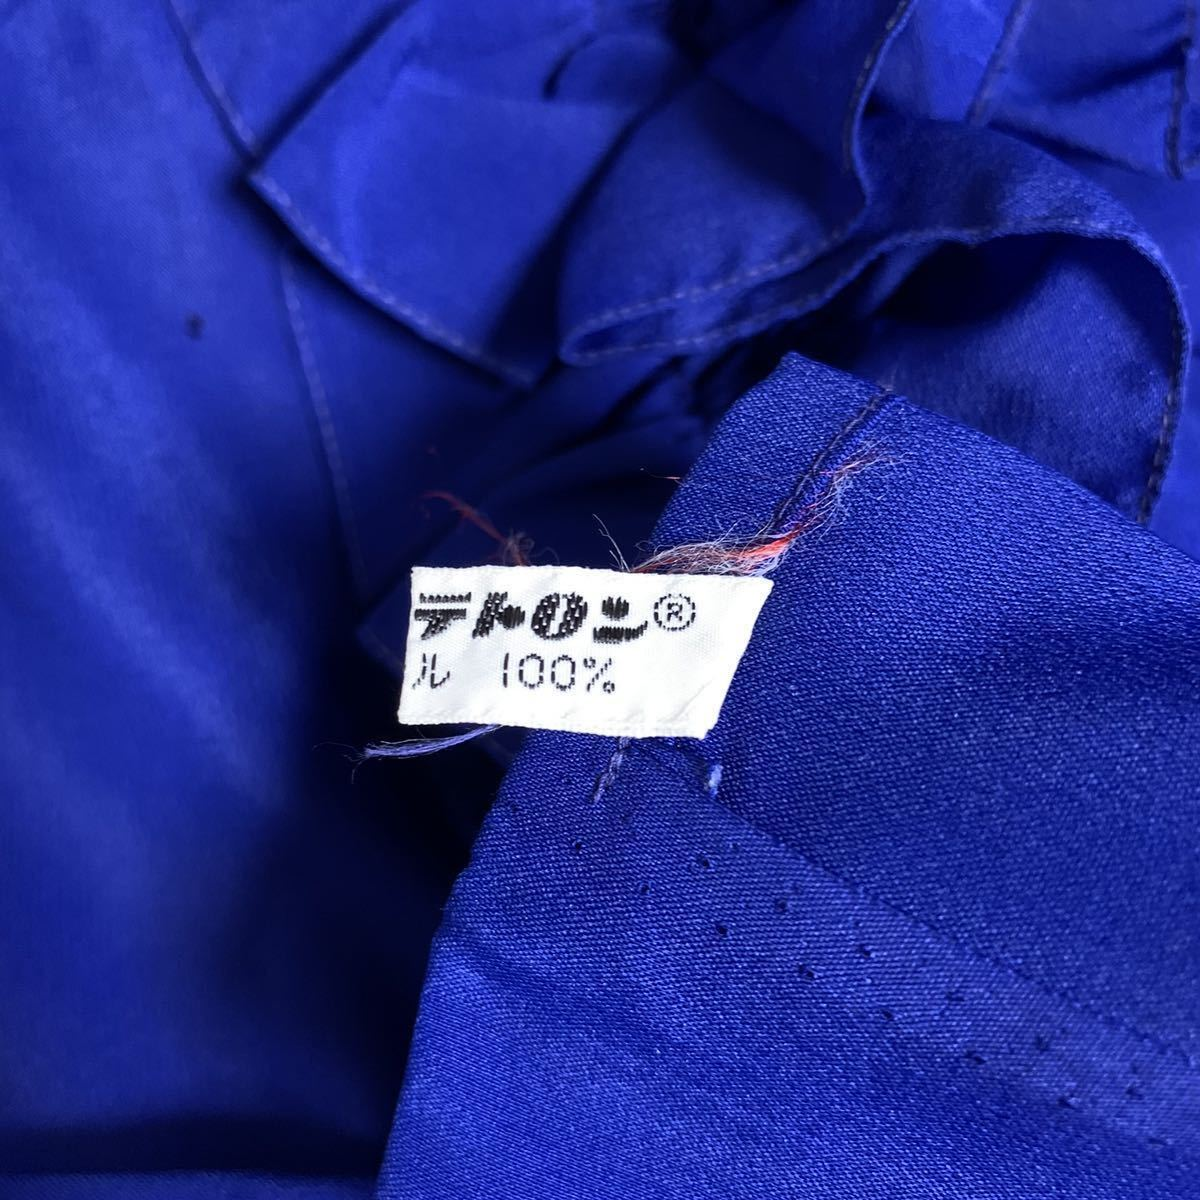 長袖 シャツ ブラウス 無地 シンプル フリル 青 ブルー